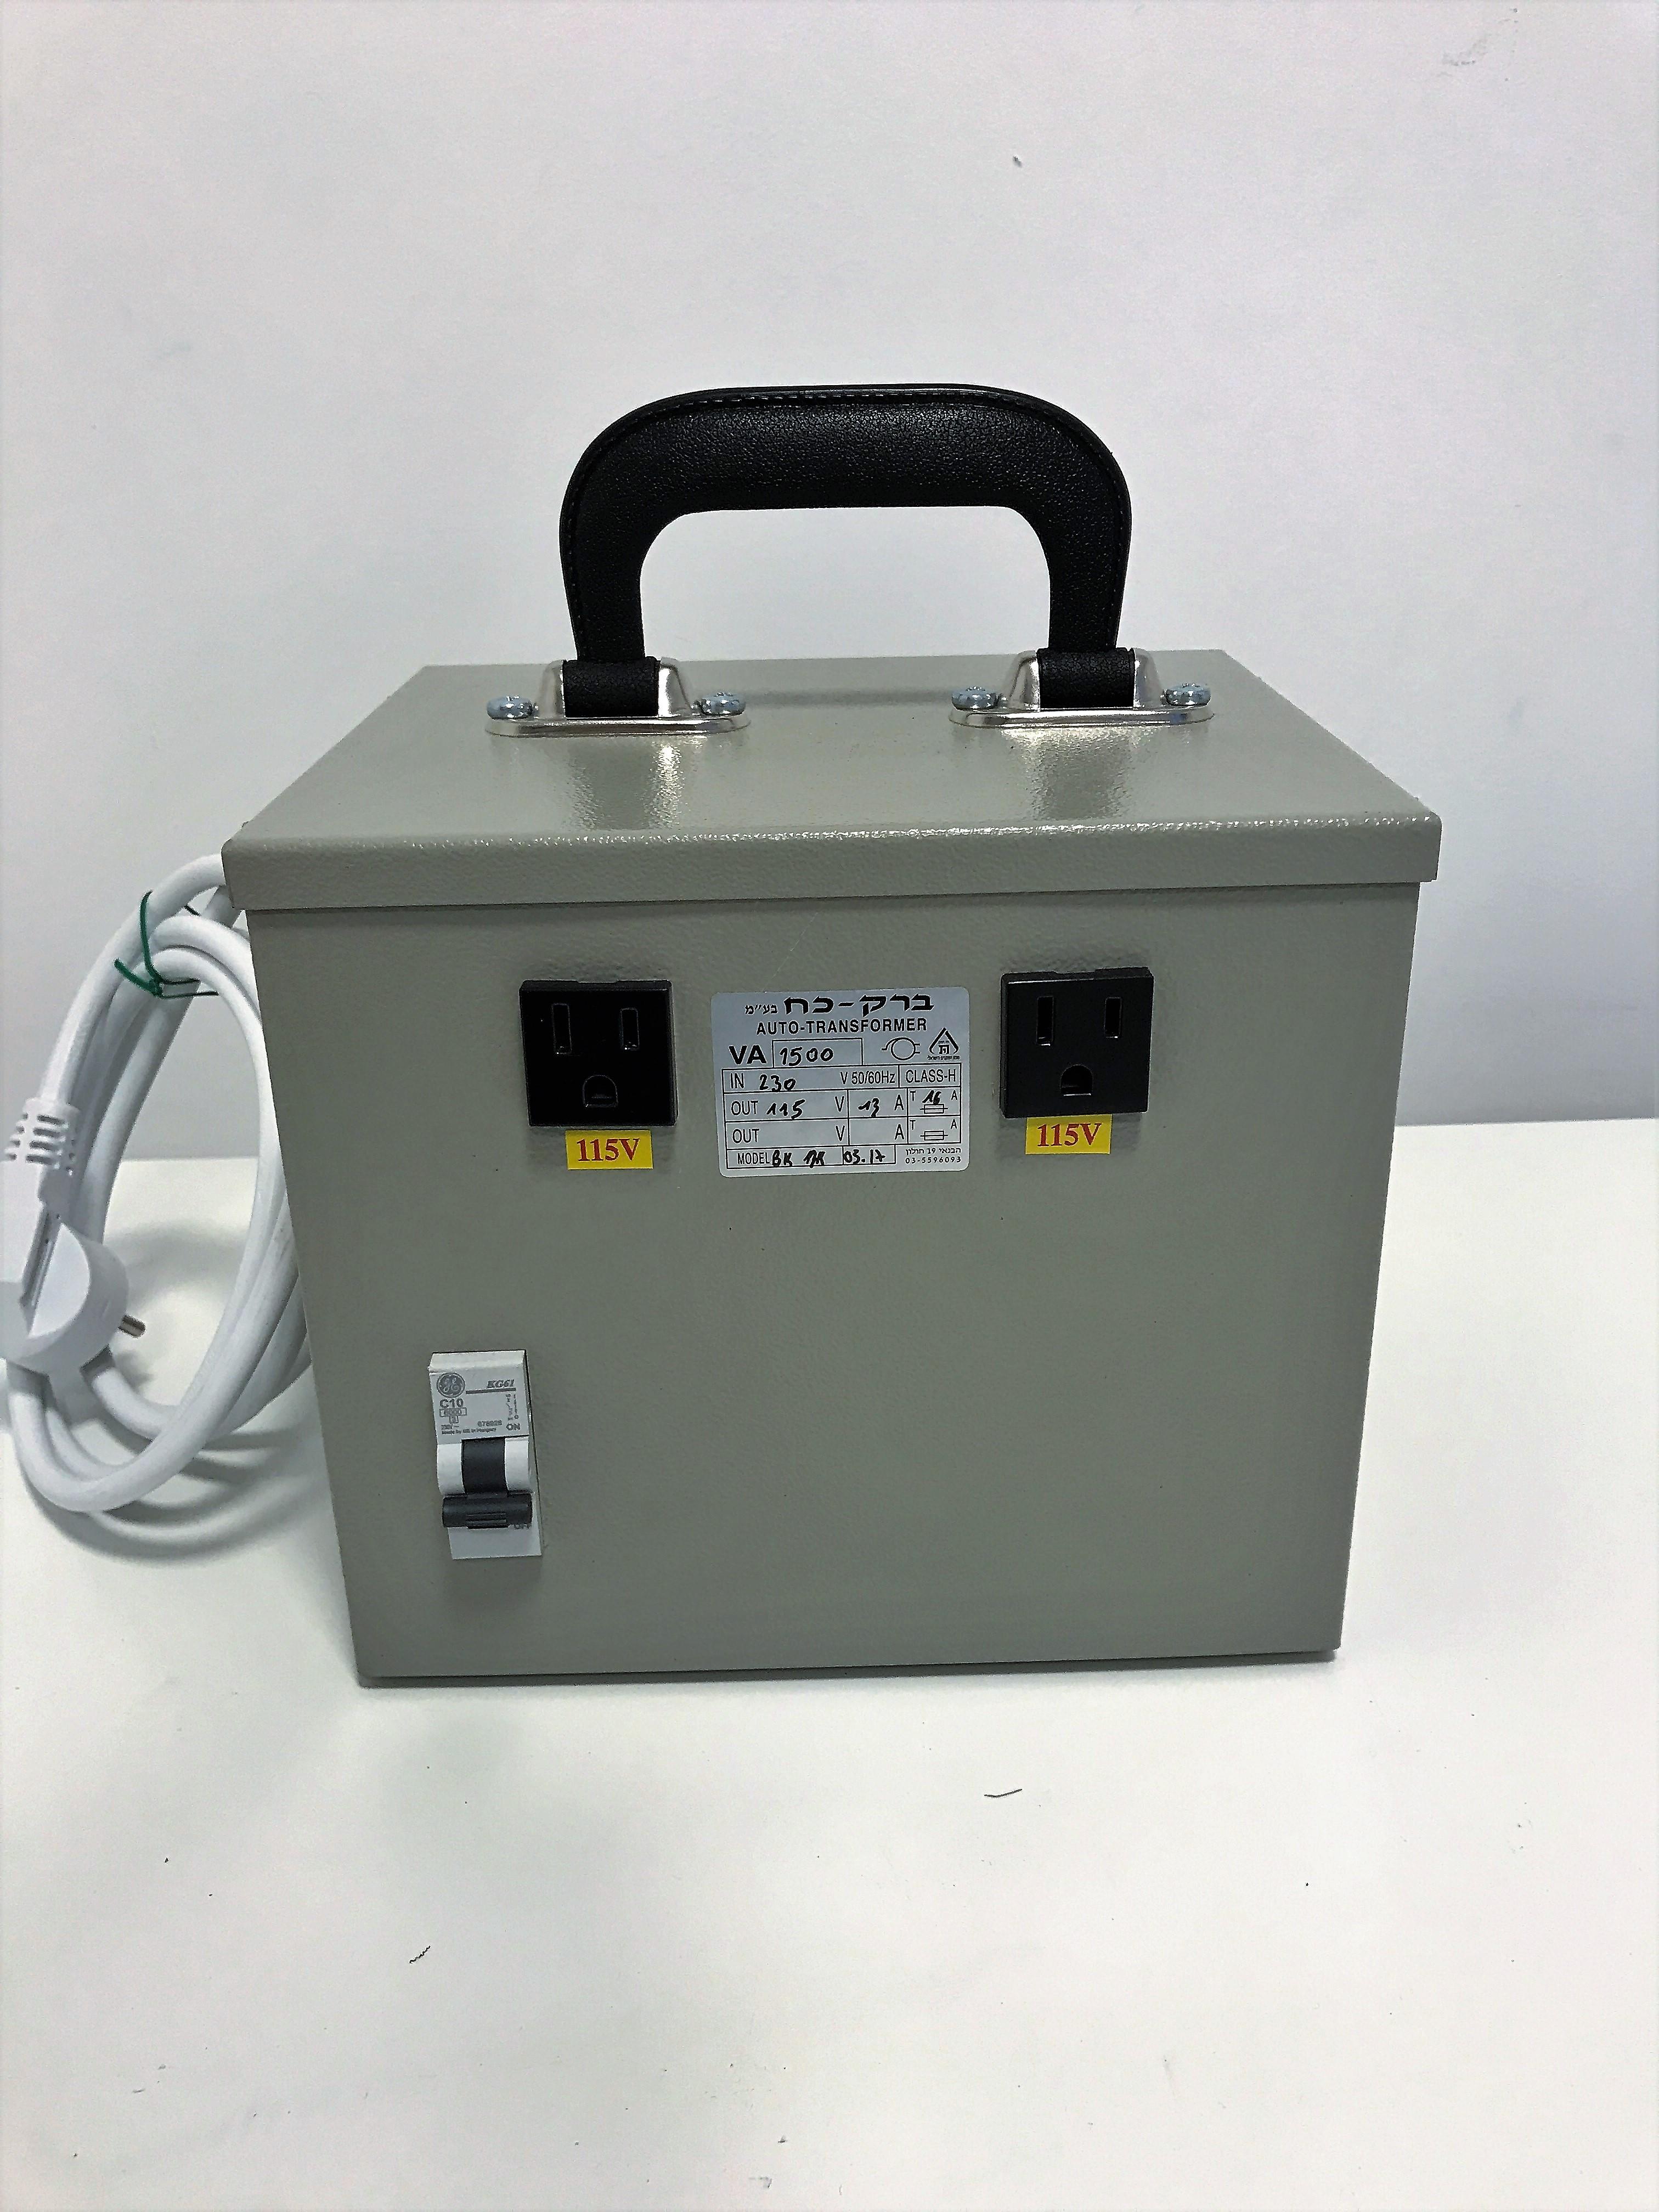 שנאי אוטוטרפו *קומפלט* בהספק 2000VA (למכשיר אמריקאי 115V)